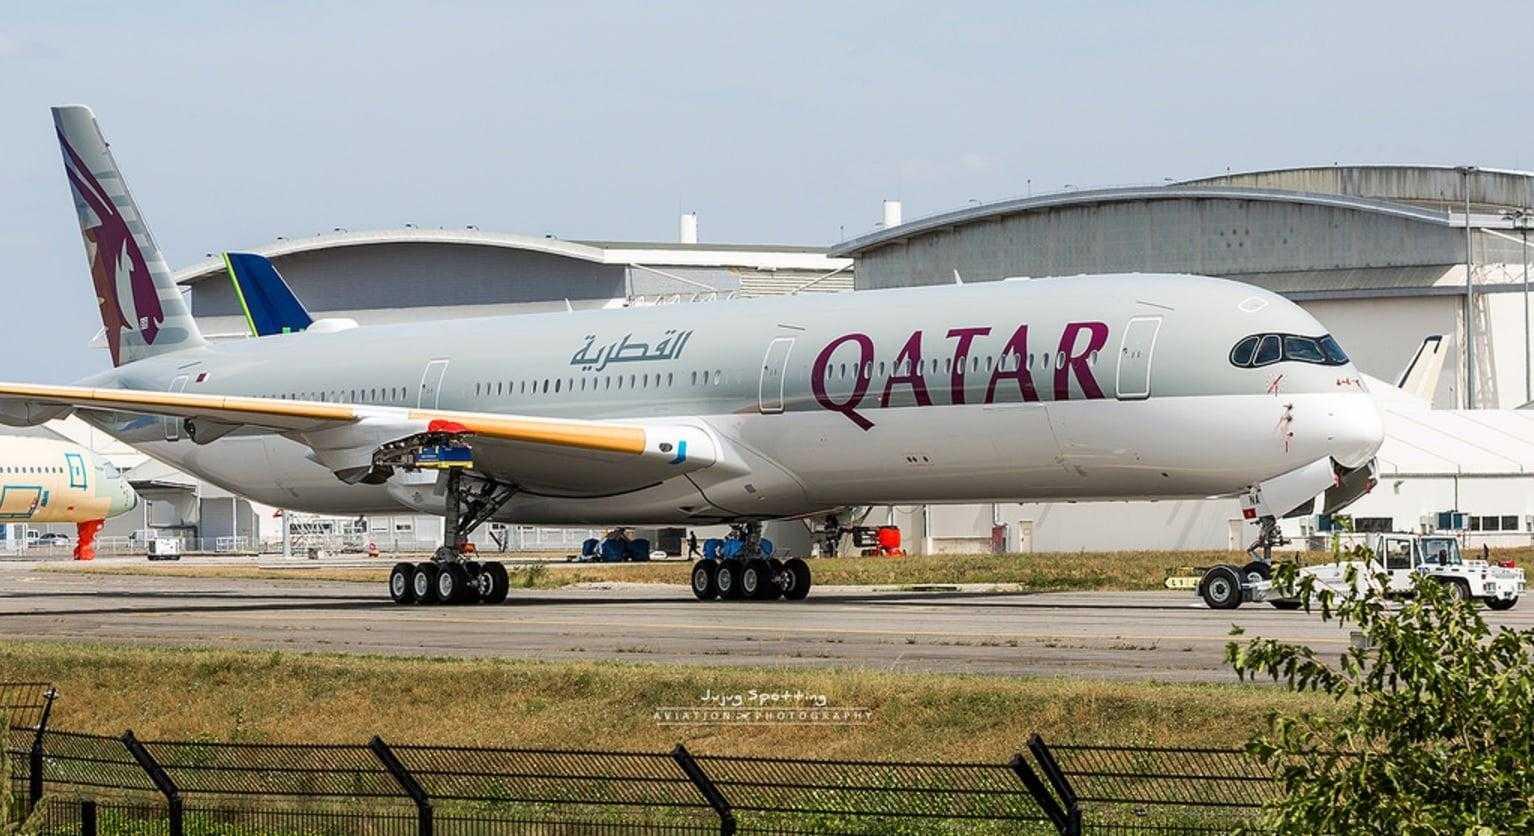 Airbus A350-1000-Katar Havayolları